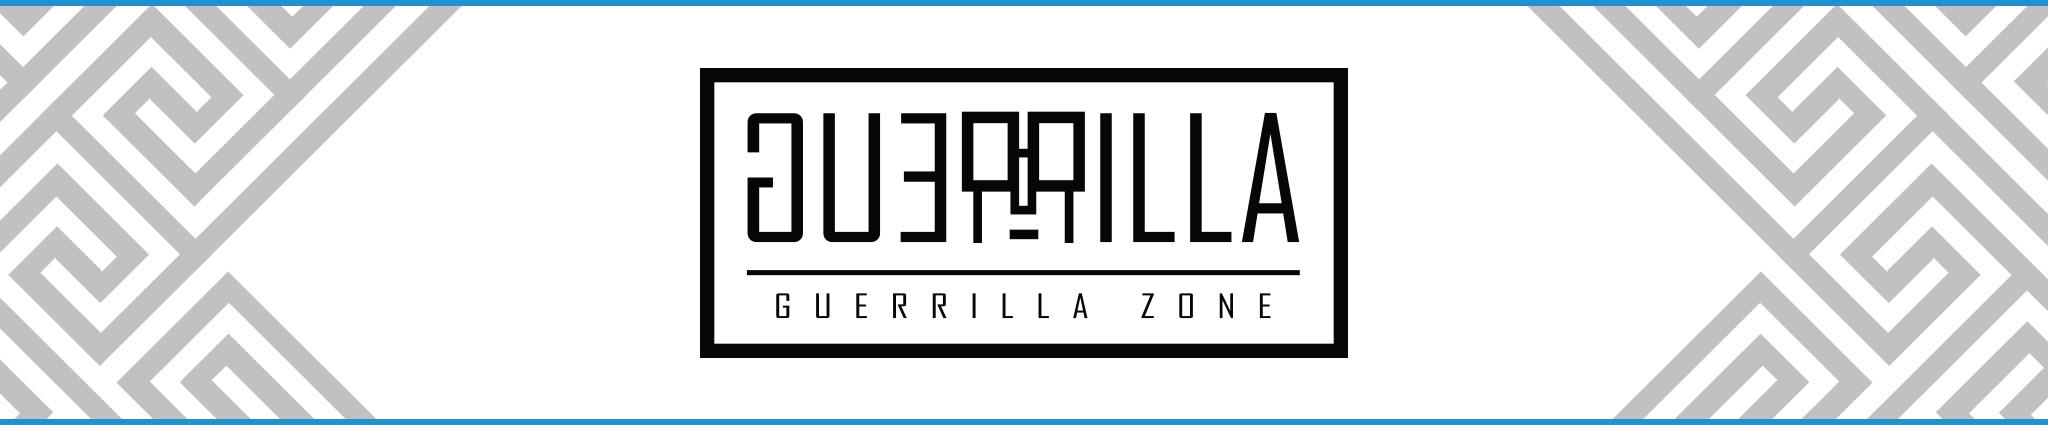 Guerrilla zone